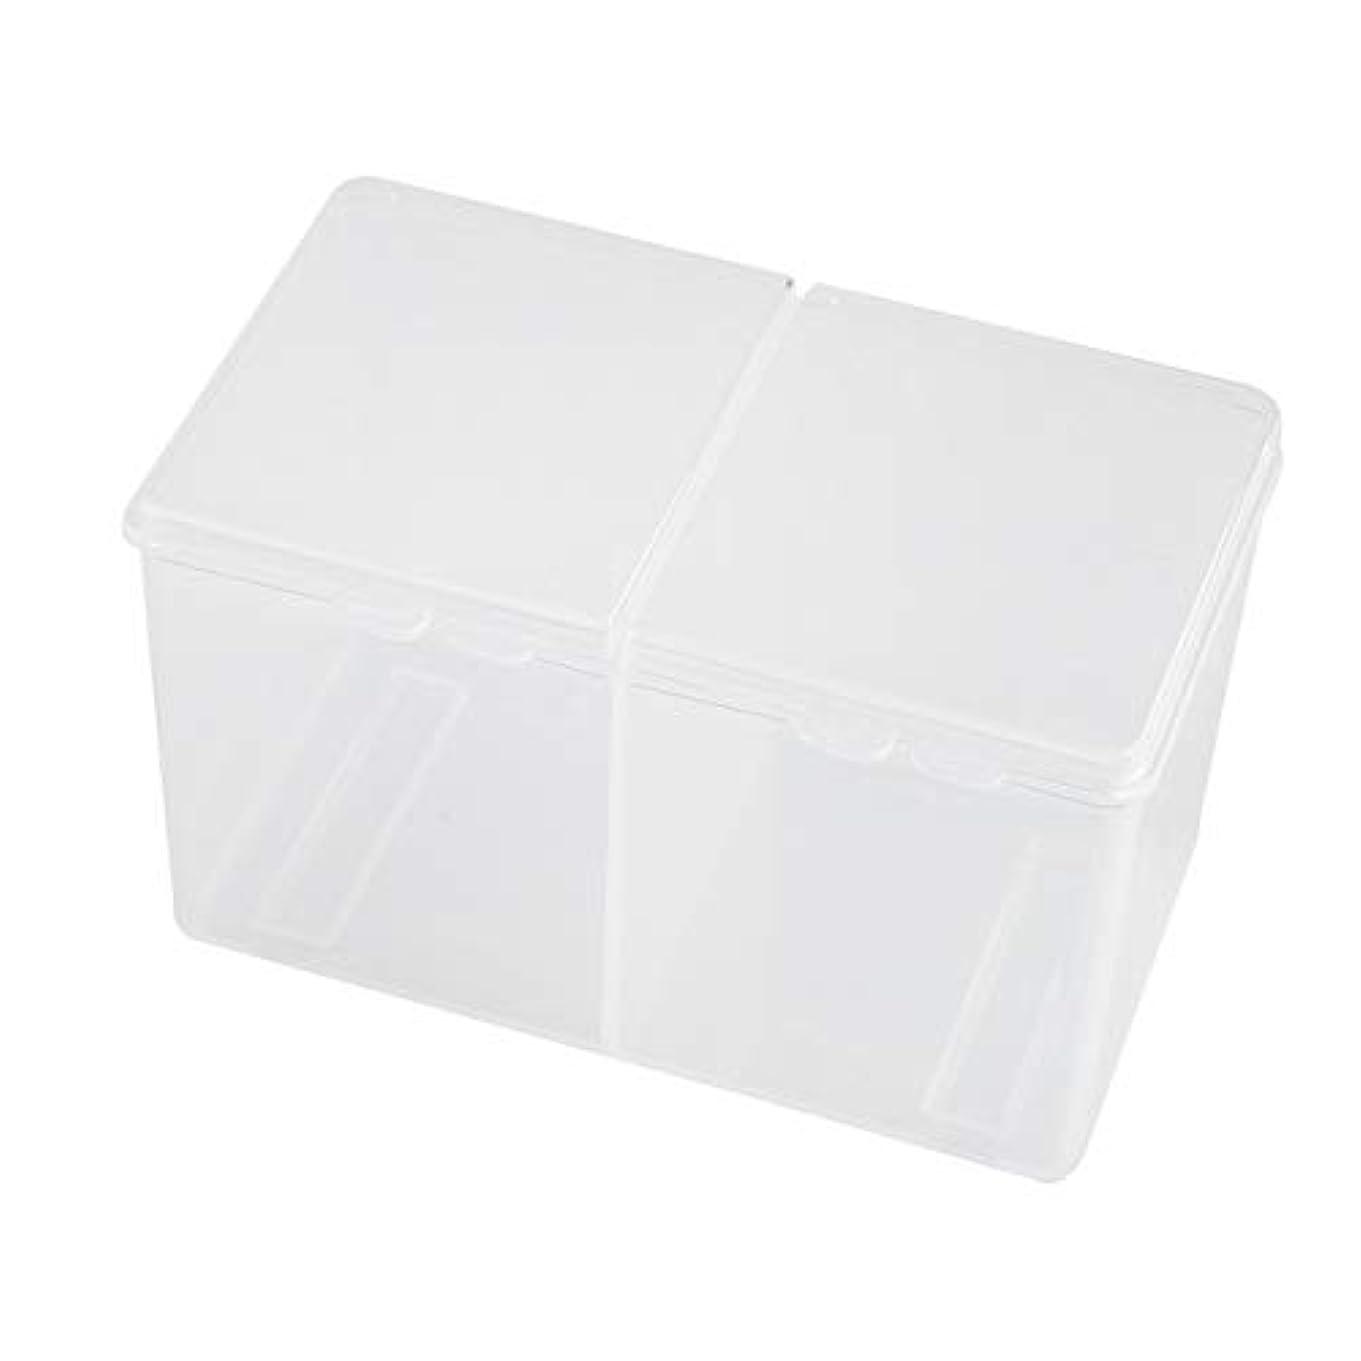 並外れて弾薬科学的TOOGOO クリア綿棒オーガナイザーホルダー綿パッド収納ボックス透明リムーバー紙化粧デスクトップツールジュエリーケースコンテナ、ホワイト